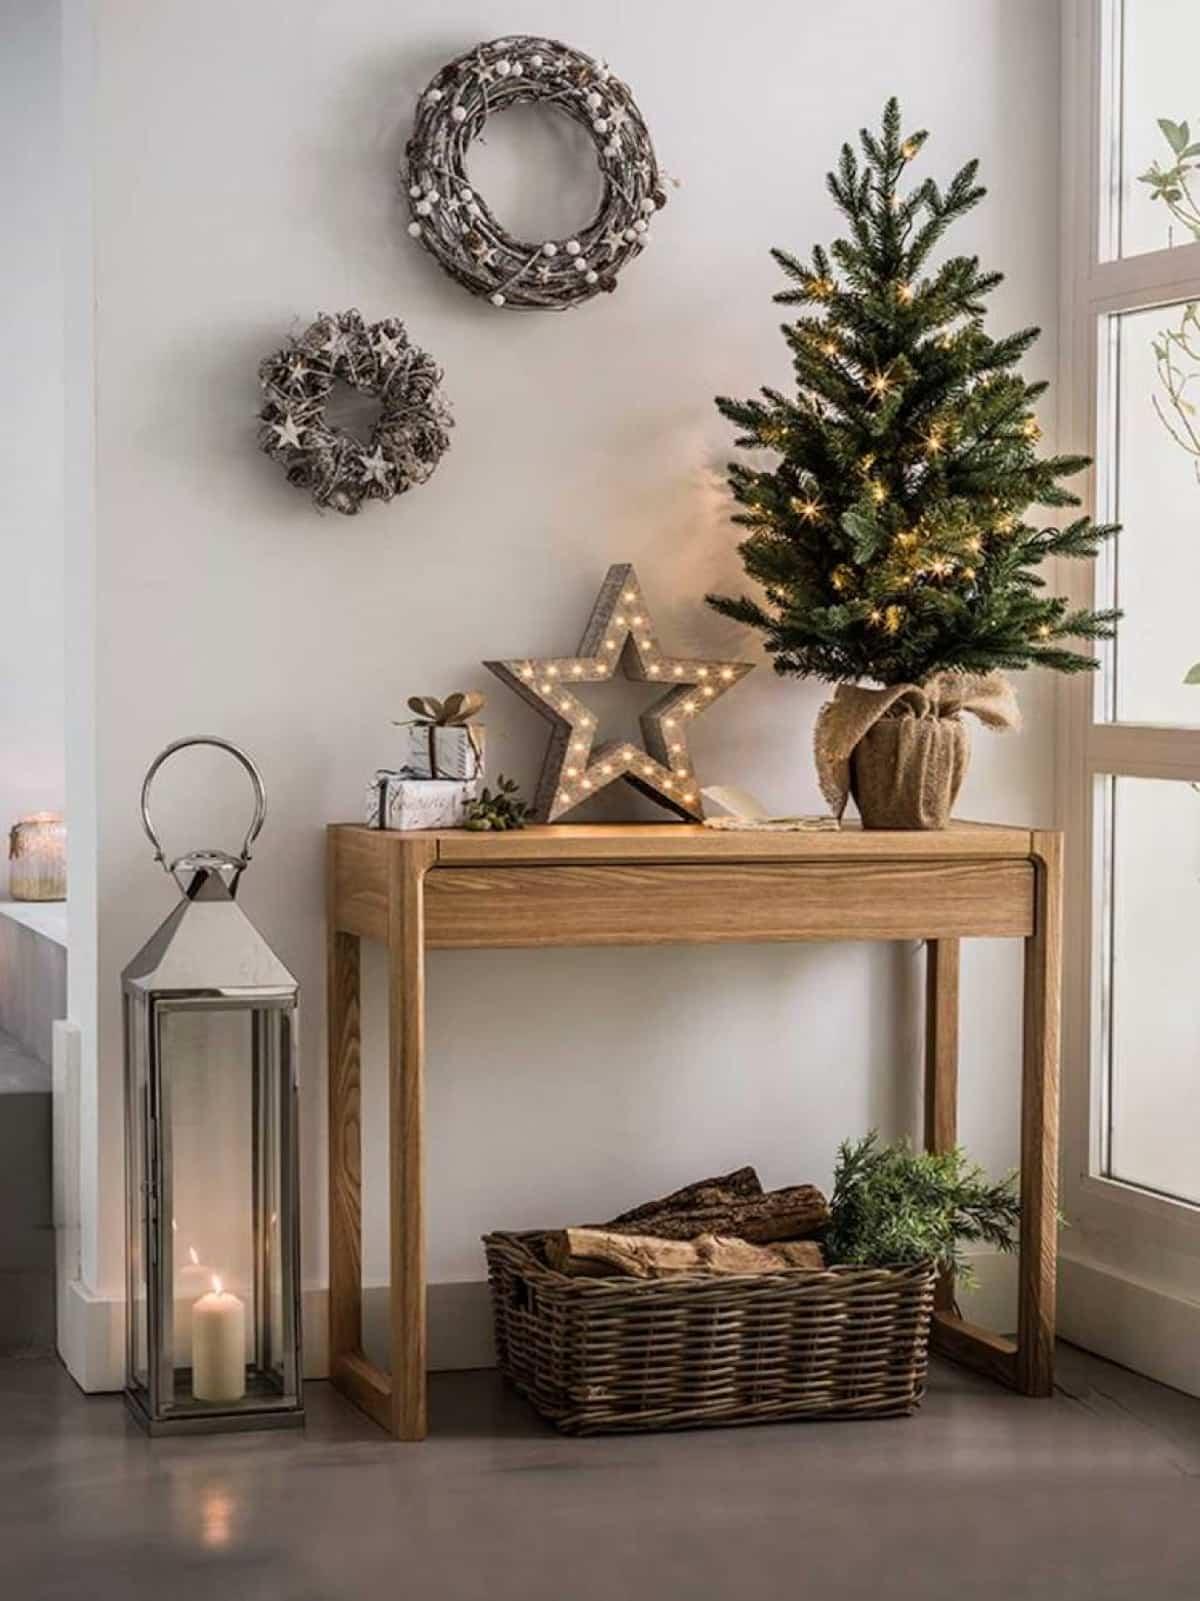 decoracion de navidad ideas y tendencias 2020 2021 12